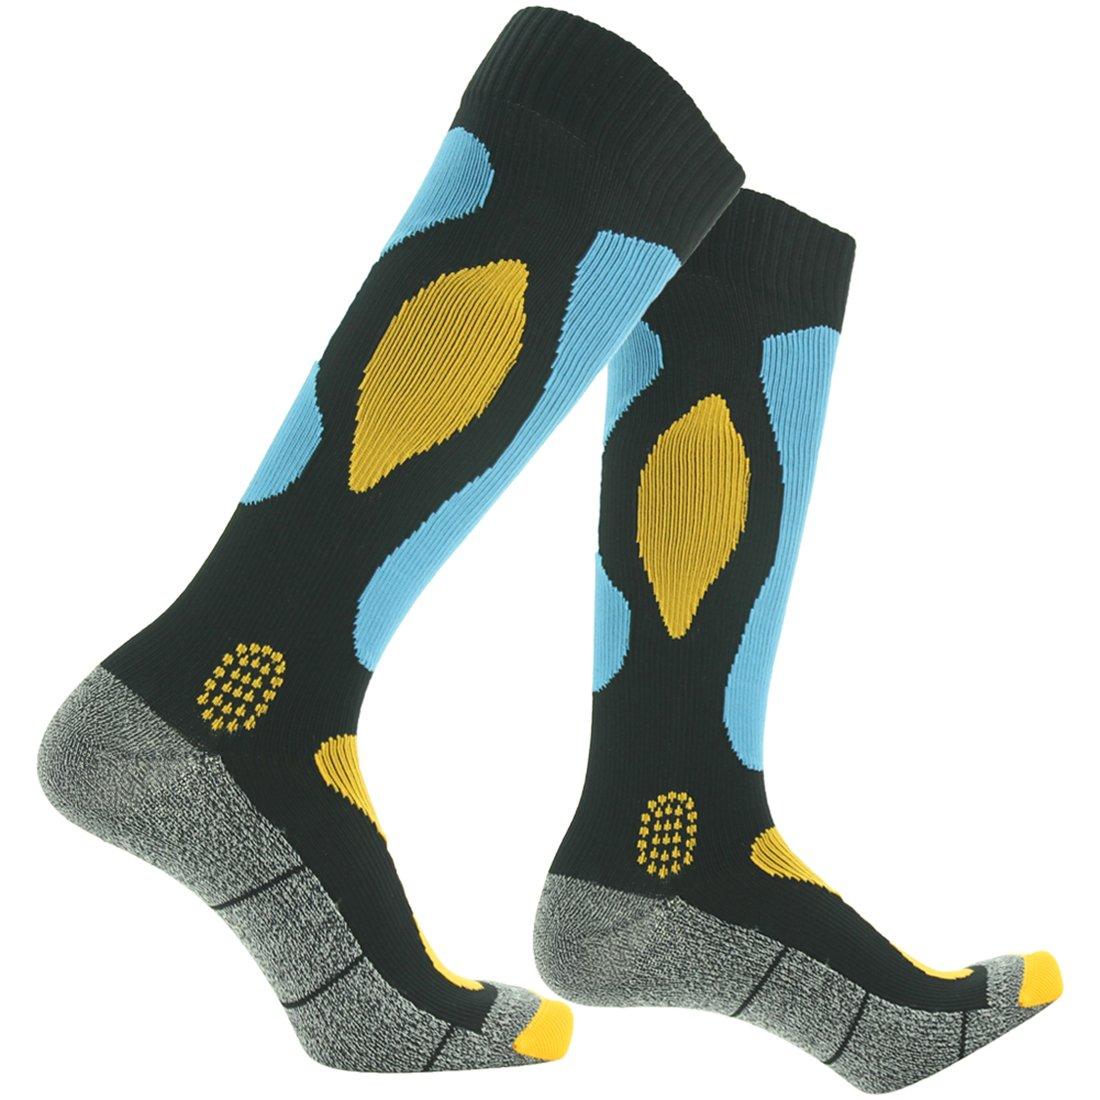 RANDY SUN Breathable Waterproof Socks, [SGS Certified] Men's Industrial Nylon Socks Blue&Black Size Medium by RANDY SUN